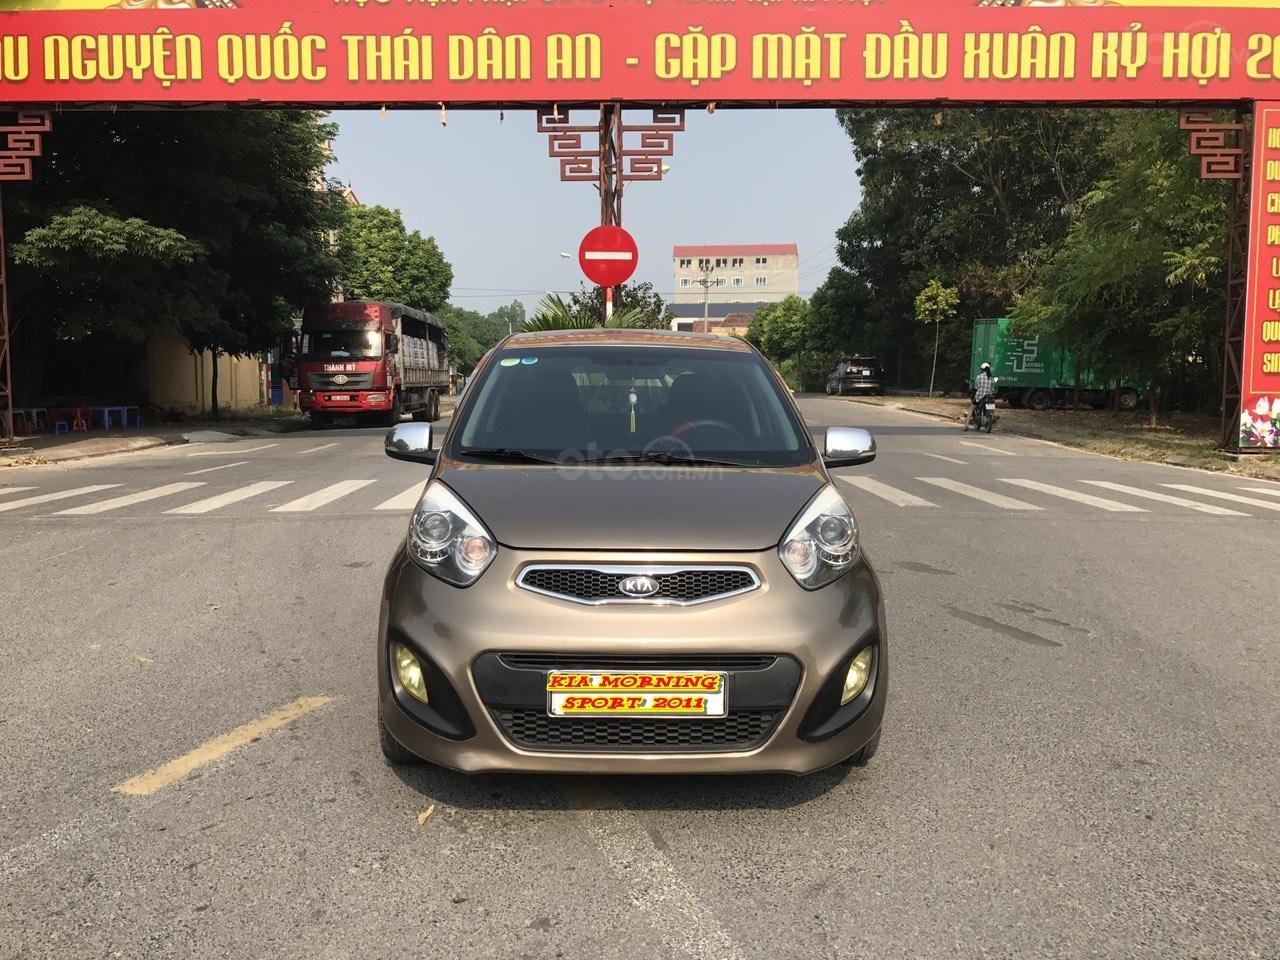 Bán ô tô Kia Morning Sport đời 2011, màu nâu, nhập khẩu, bản full 8 túi khí, đề nồ start, xe tuyển (1)